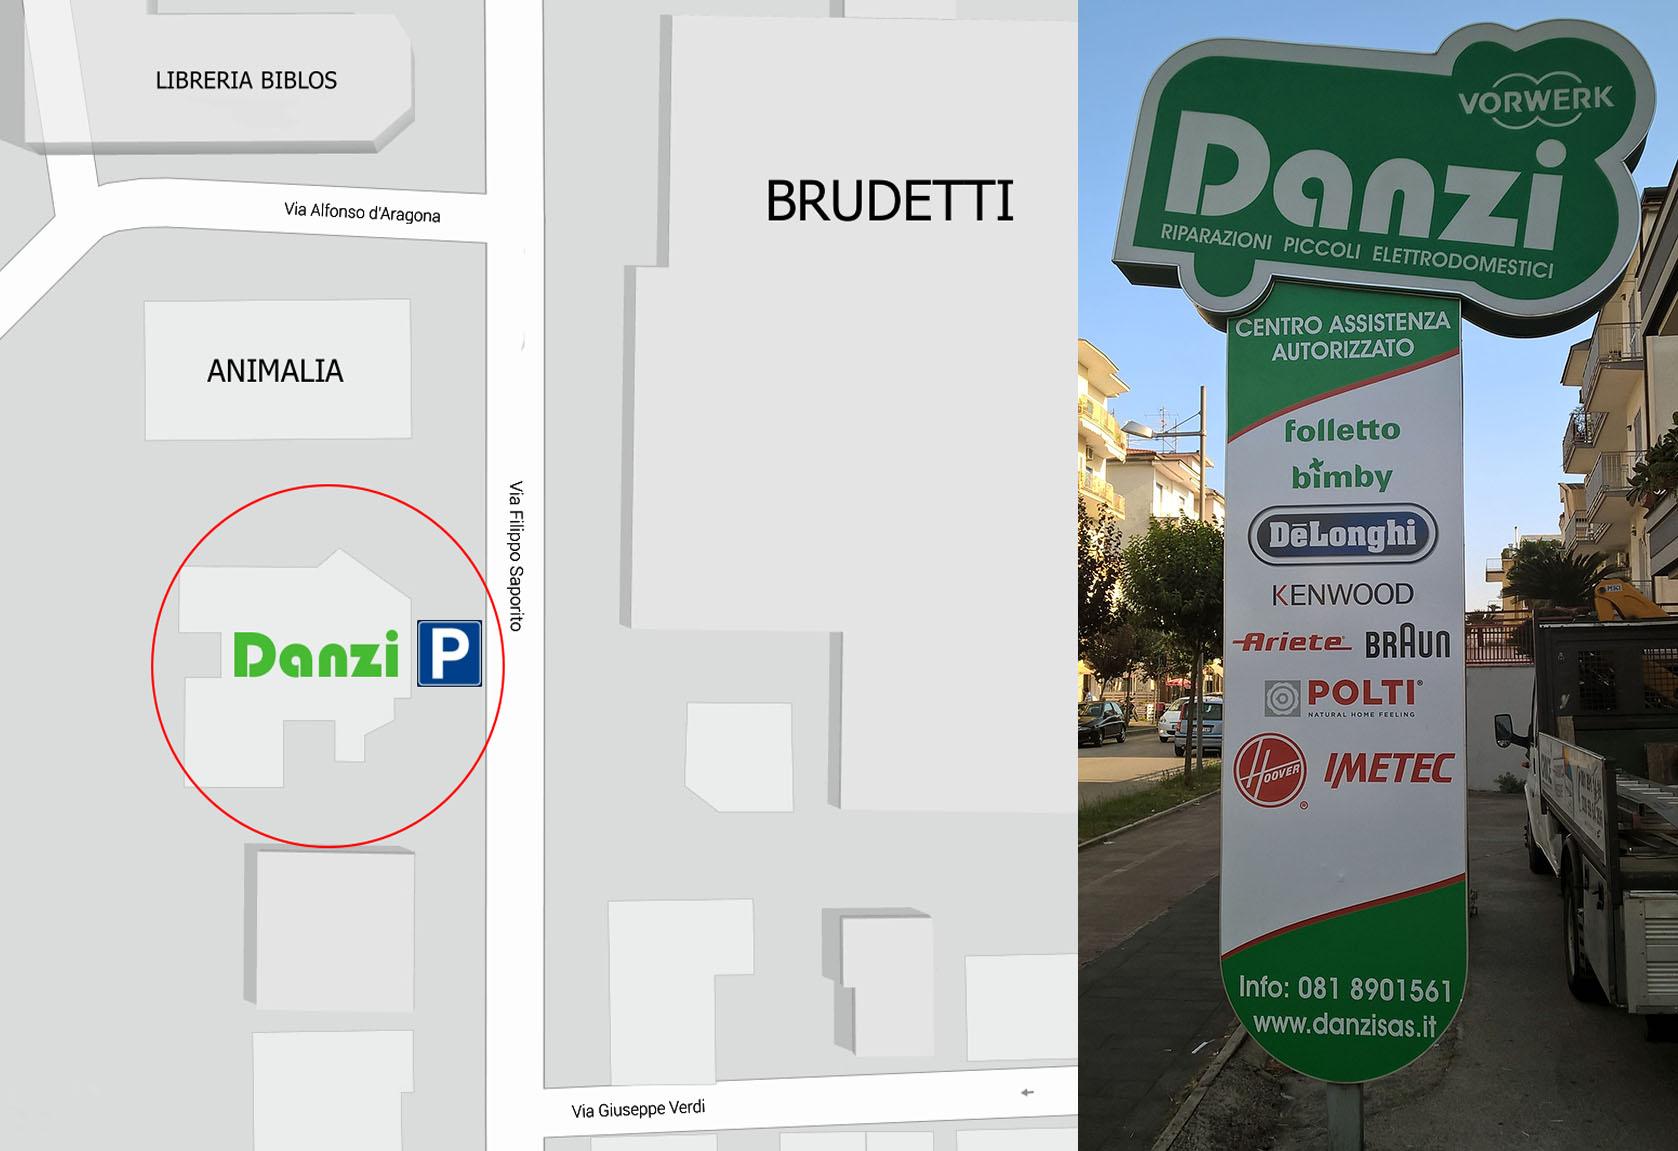 Centro Assistenza Lg Bari.Danzi S A S Tutti I Diritti Riservati Home